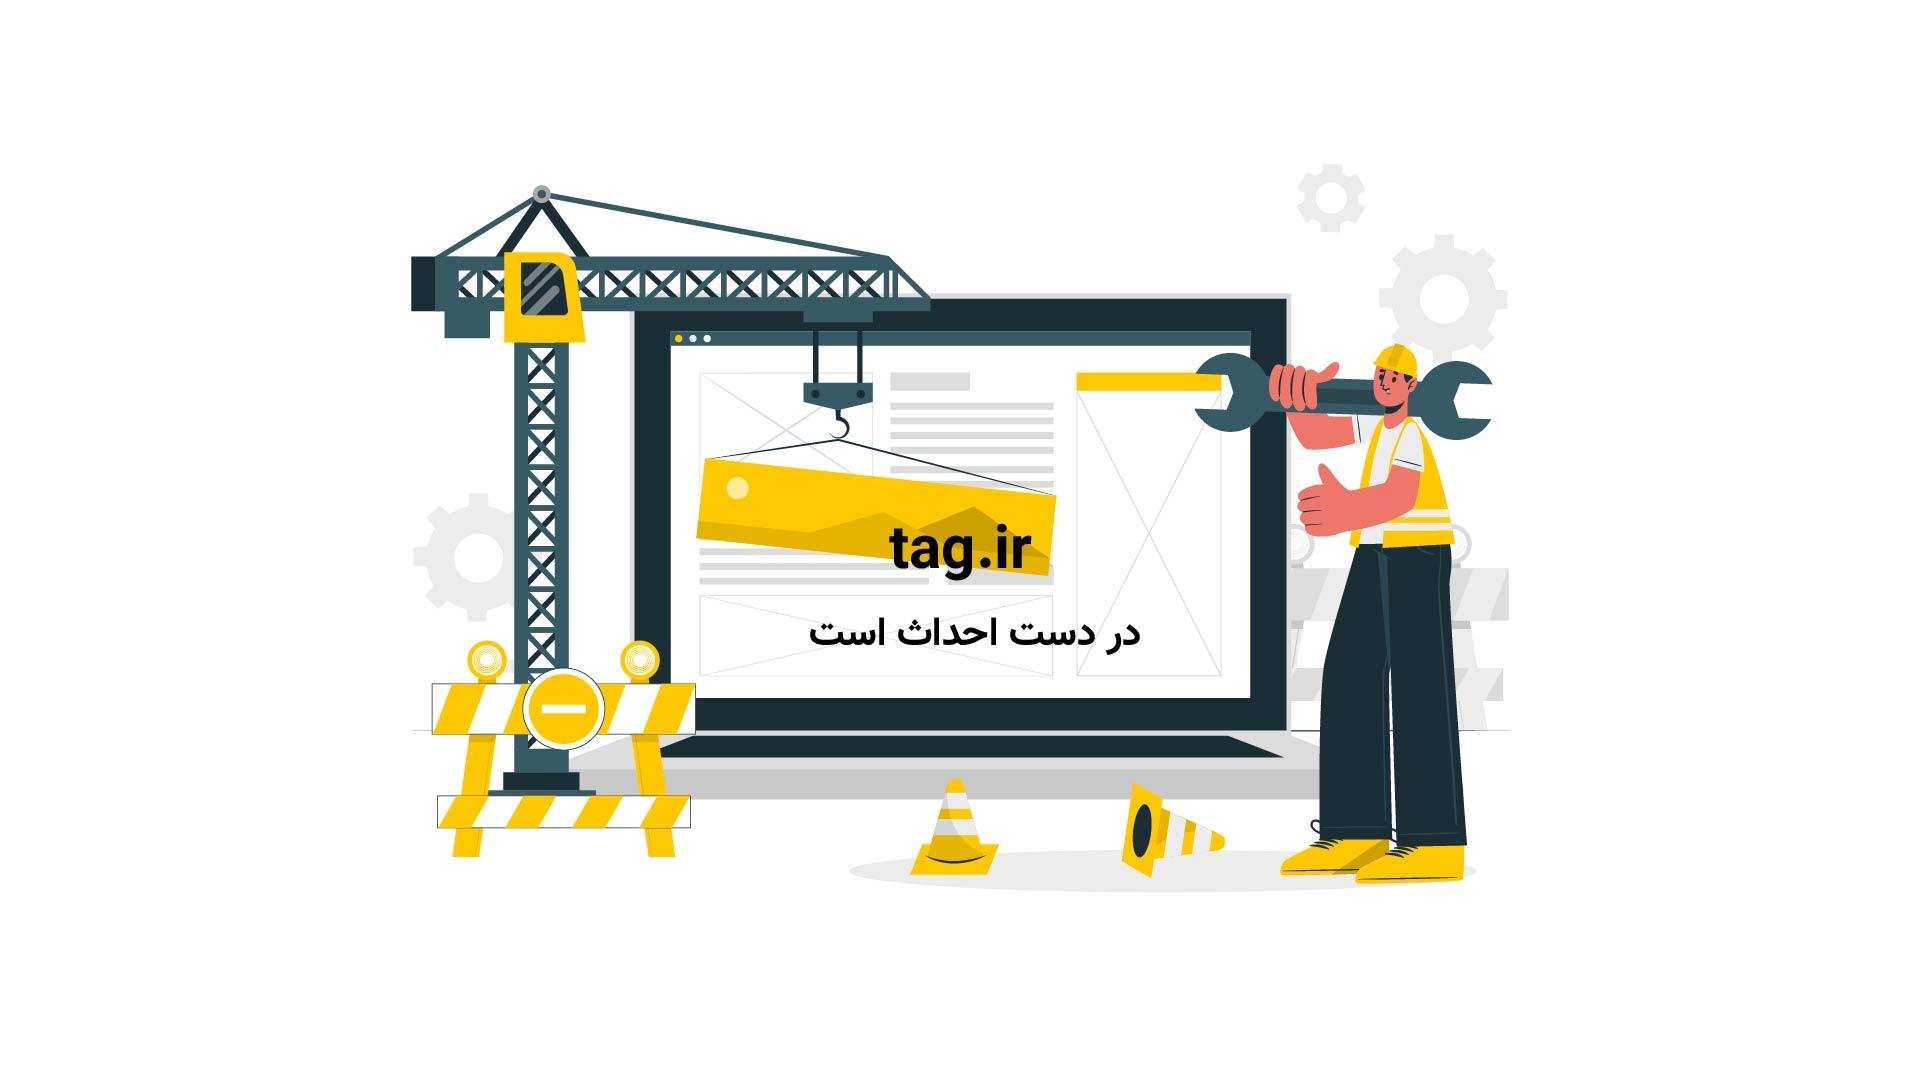 نمایی از طوفان نیکول از فضا | تگ